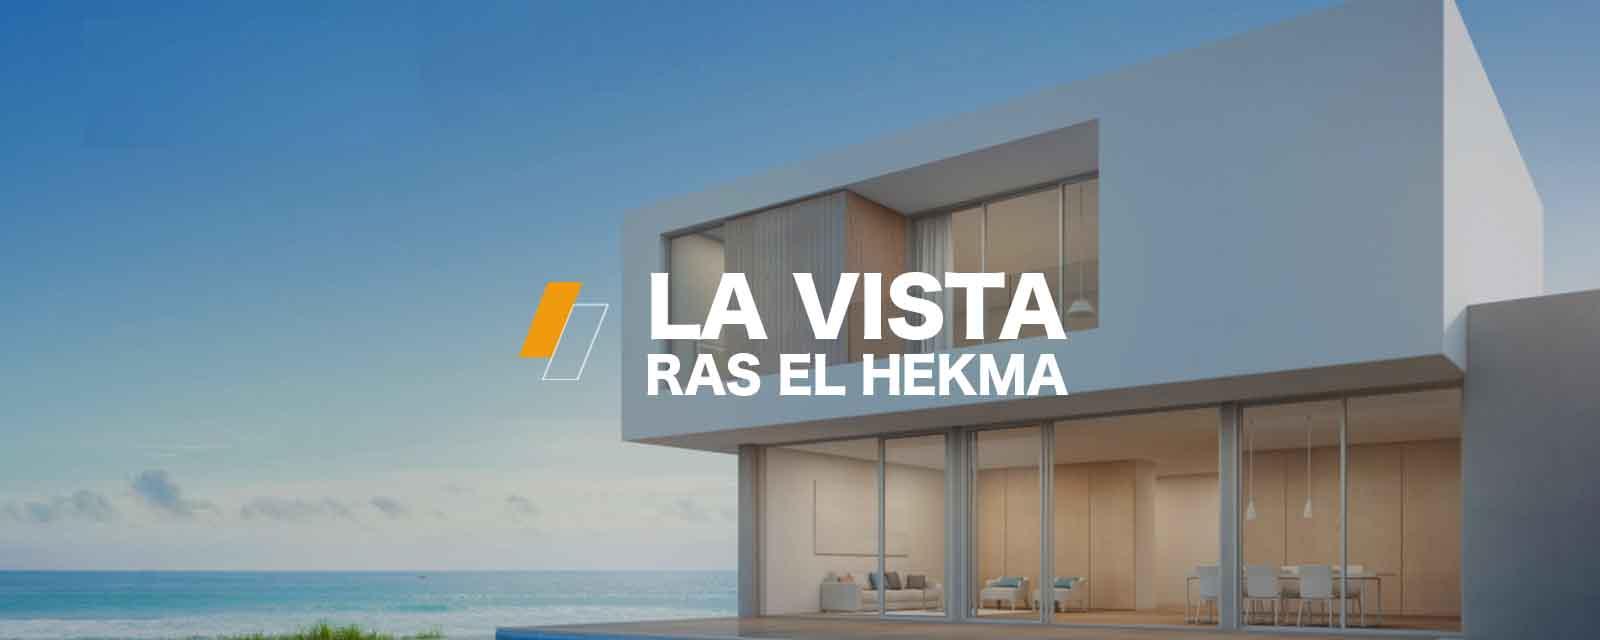 La Vista Ras El Hekma by La Vista Developments-featured-1